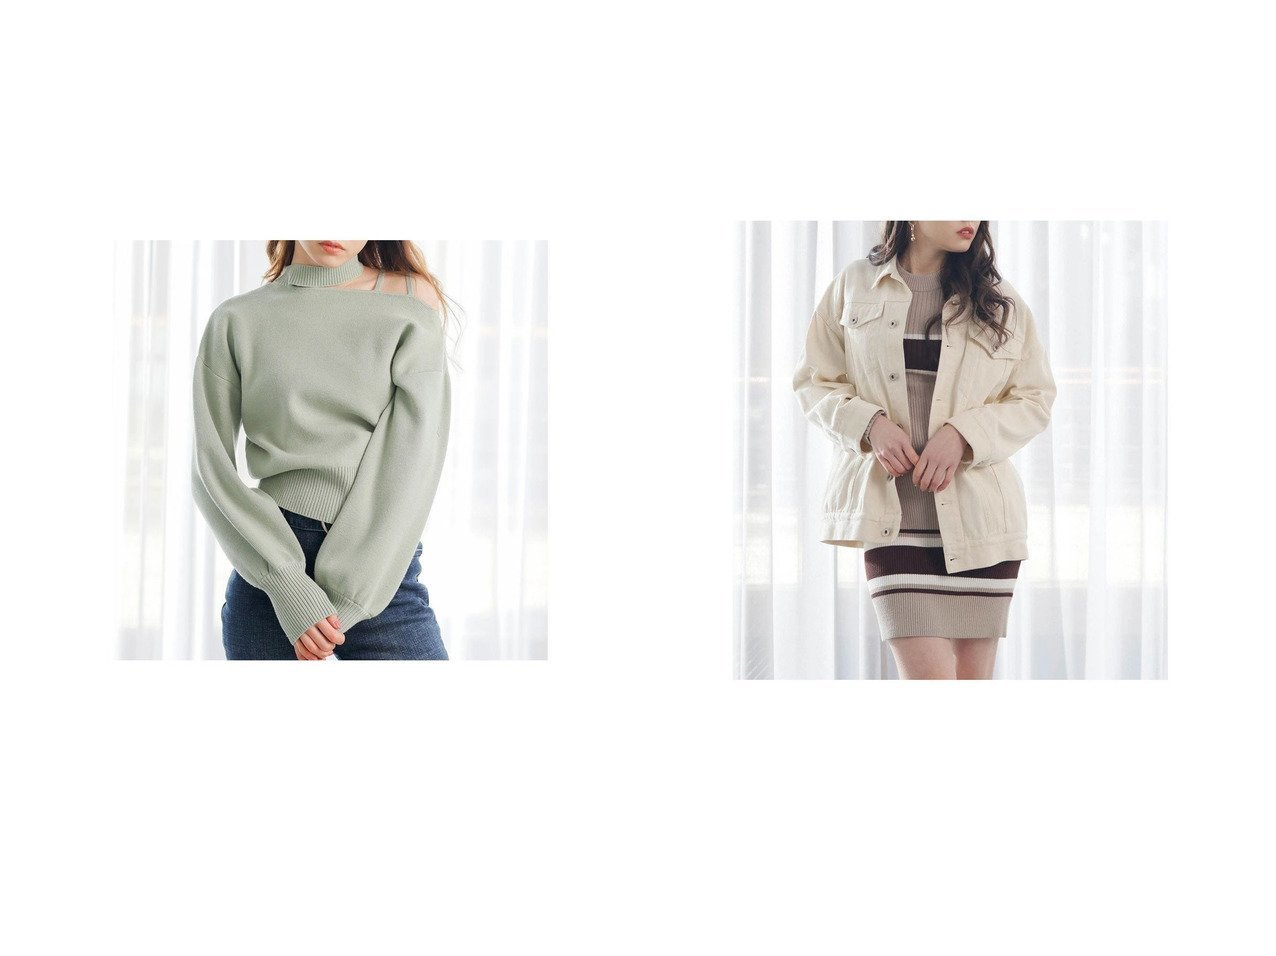 【LIP SERVICE/リップサービス】のオーバーデニムジャケット&アシメカットストラップニット LIP SERVICEのおすすめ!人気、トレンド・レディースファッションの通販 おすすめで人気の流行・トレンド、ファッションの通販商品 メンズファッション・キッズファッション・インテリア・家具・レディースファッション・服の通販 founy(ファニー) https://founy.com/ ファッション Fashion レディースファッション WOMEN トップス Tops Tshirt ニット Knit Tops アウター Coat Outerwear ジャケット Jackets デニムジャケット Denim Jackets 2020年 2020 2020-2021 秋冬 A/W AW Autumn/Winter / FW Fall-Winter 2020-2021 A/W 秋冬 AW Autumn/Winter / FW Fall-Winter コンパクト バランス ボトム ラップ リップ リラックス ジャケット デニム |ID:crp329100000019752